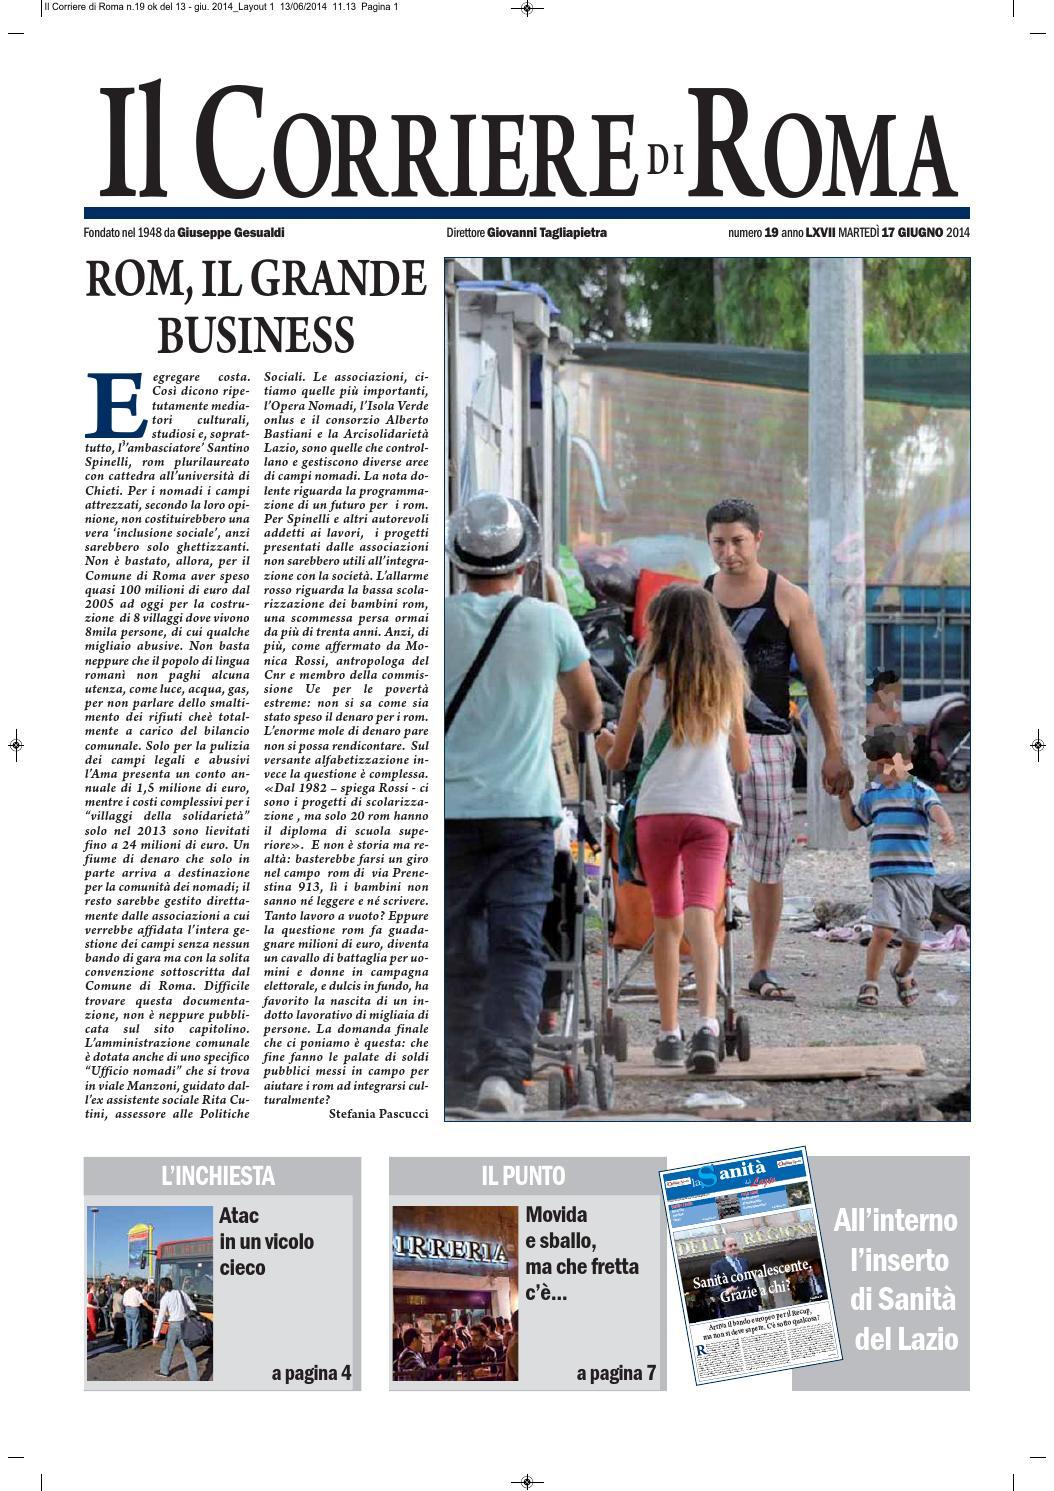 IL CORRIERE DI ROMA MARTEDI 17 GIUGNO 2014 By Il Corriere Di Roma